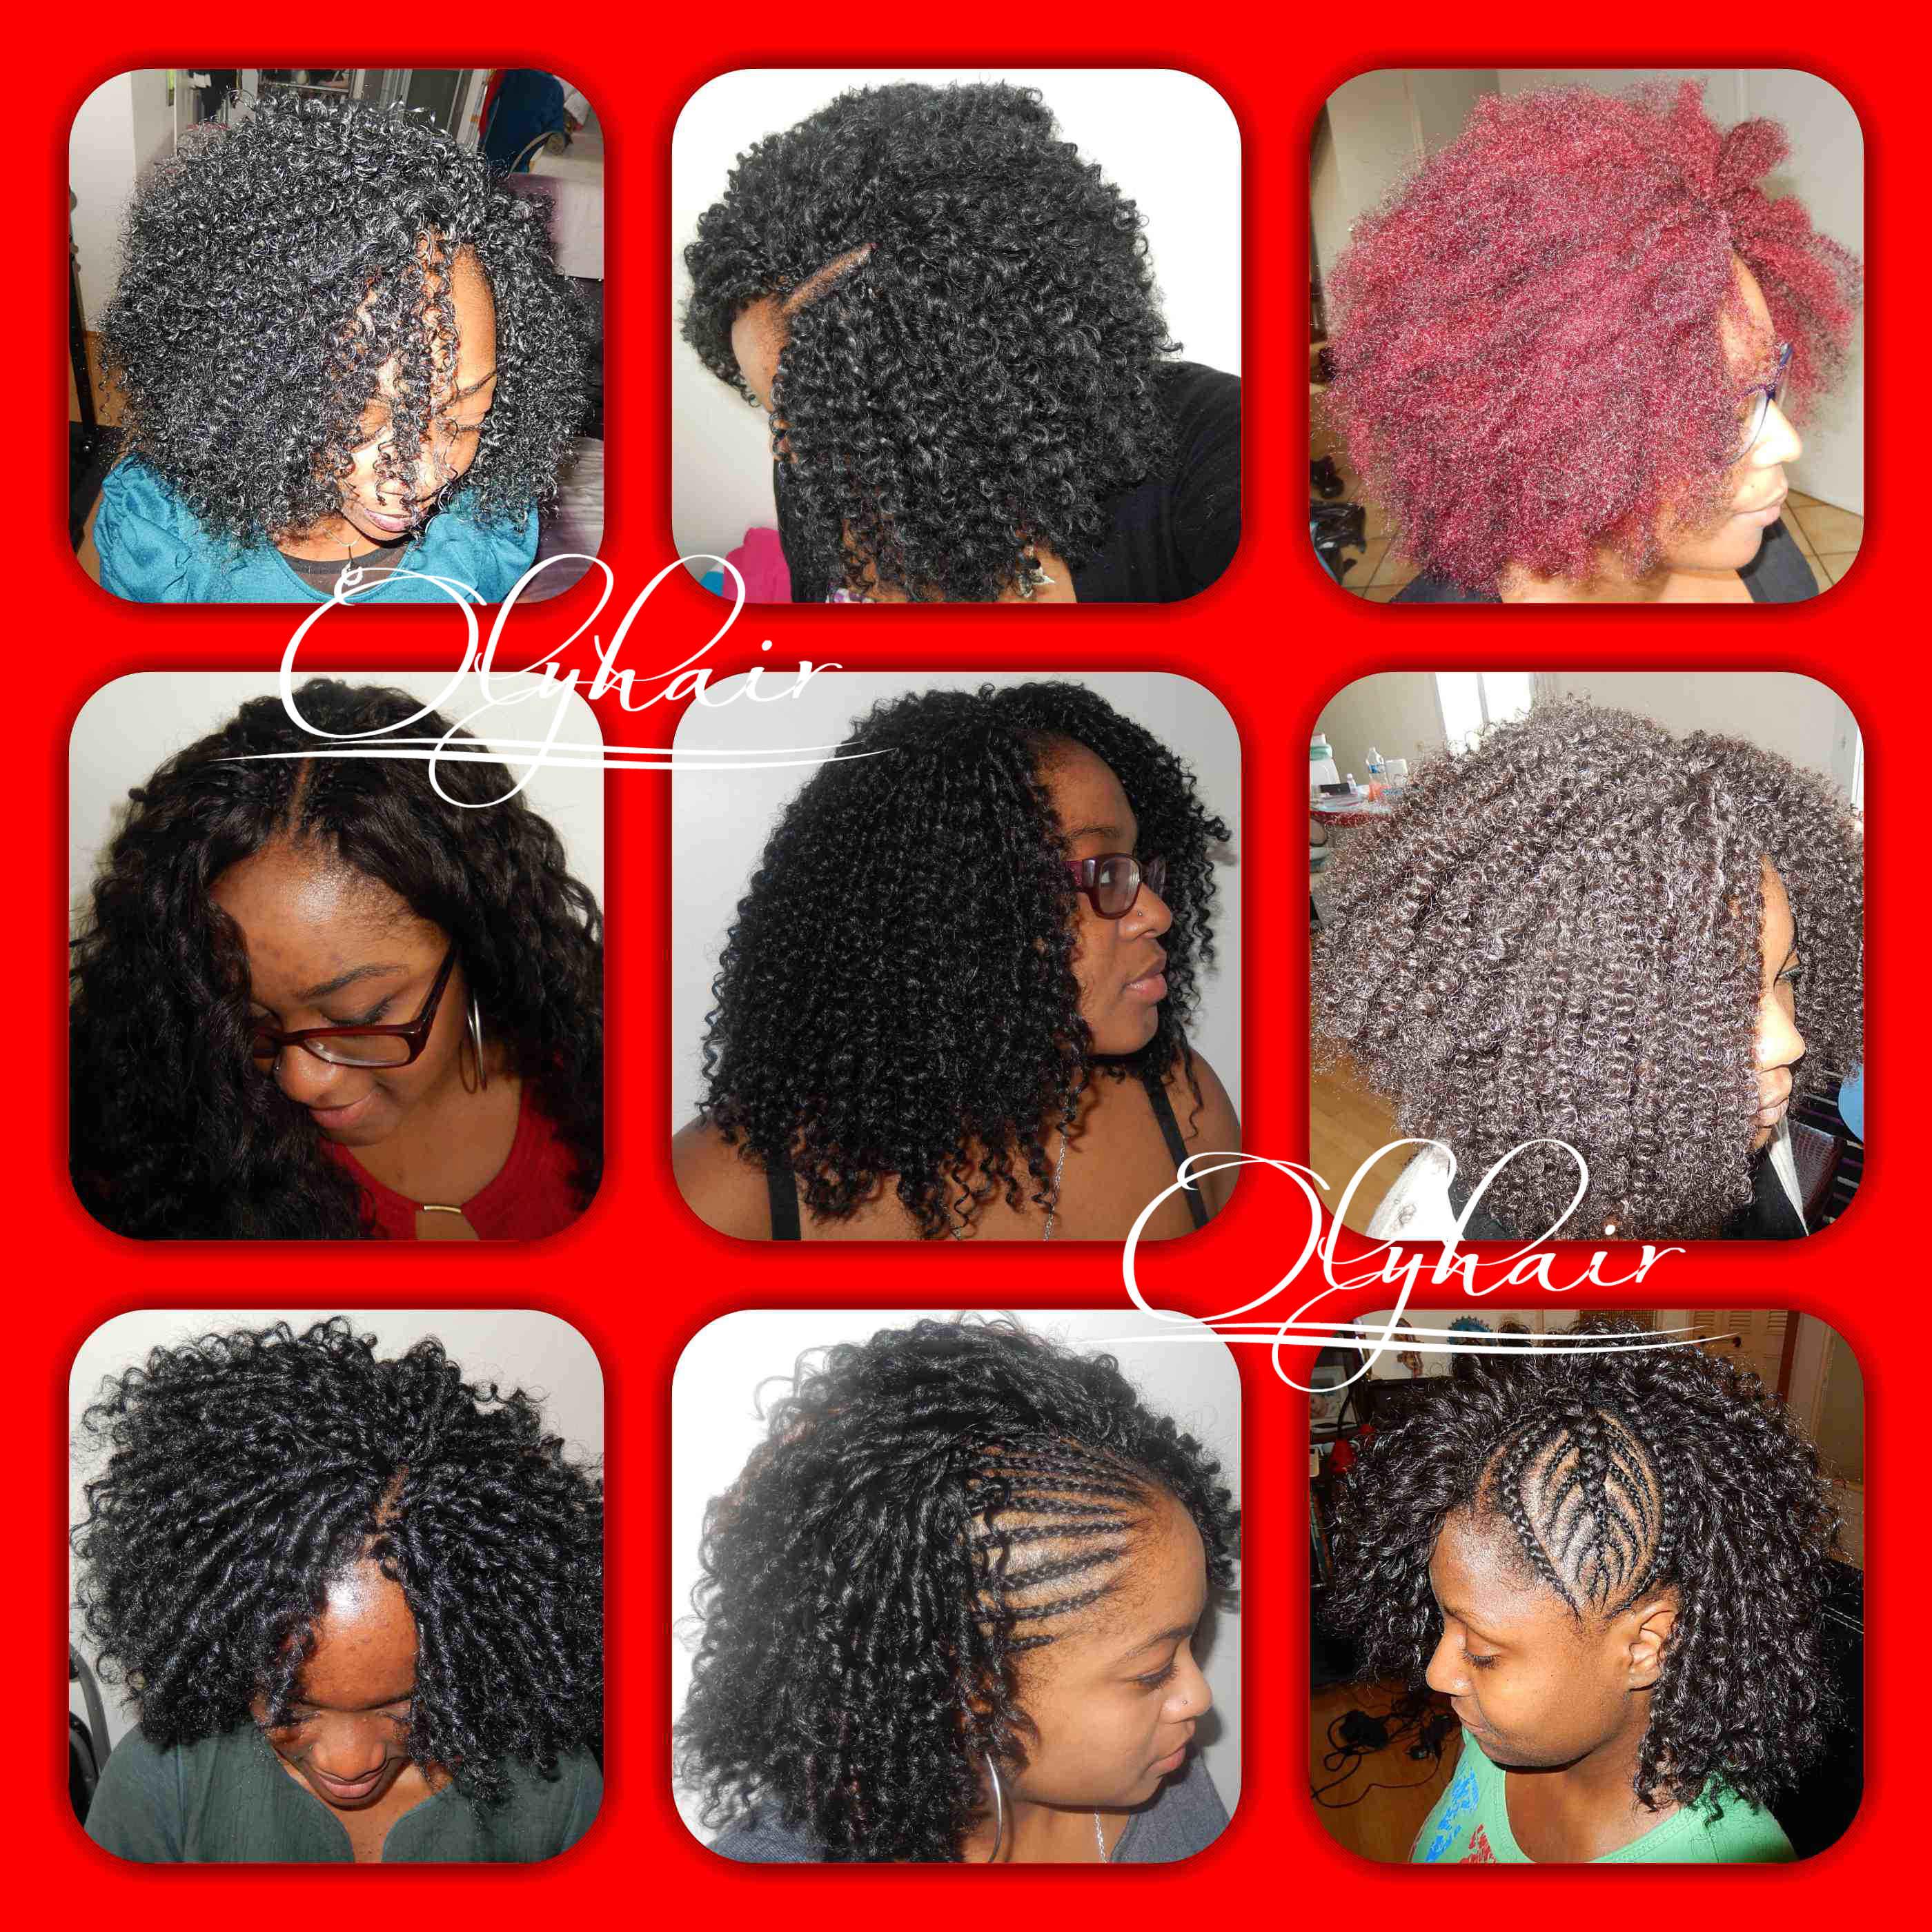 Crochet braids olyhair id e coiffure et conseil pour - Meche naturelle pour crochet braid ...